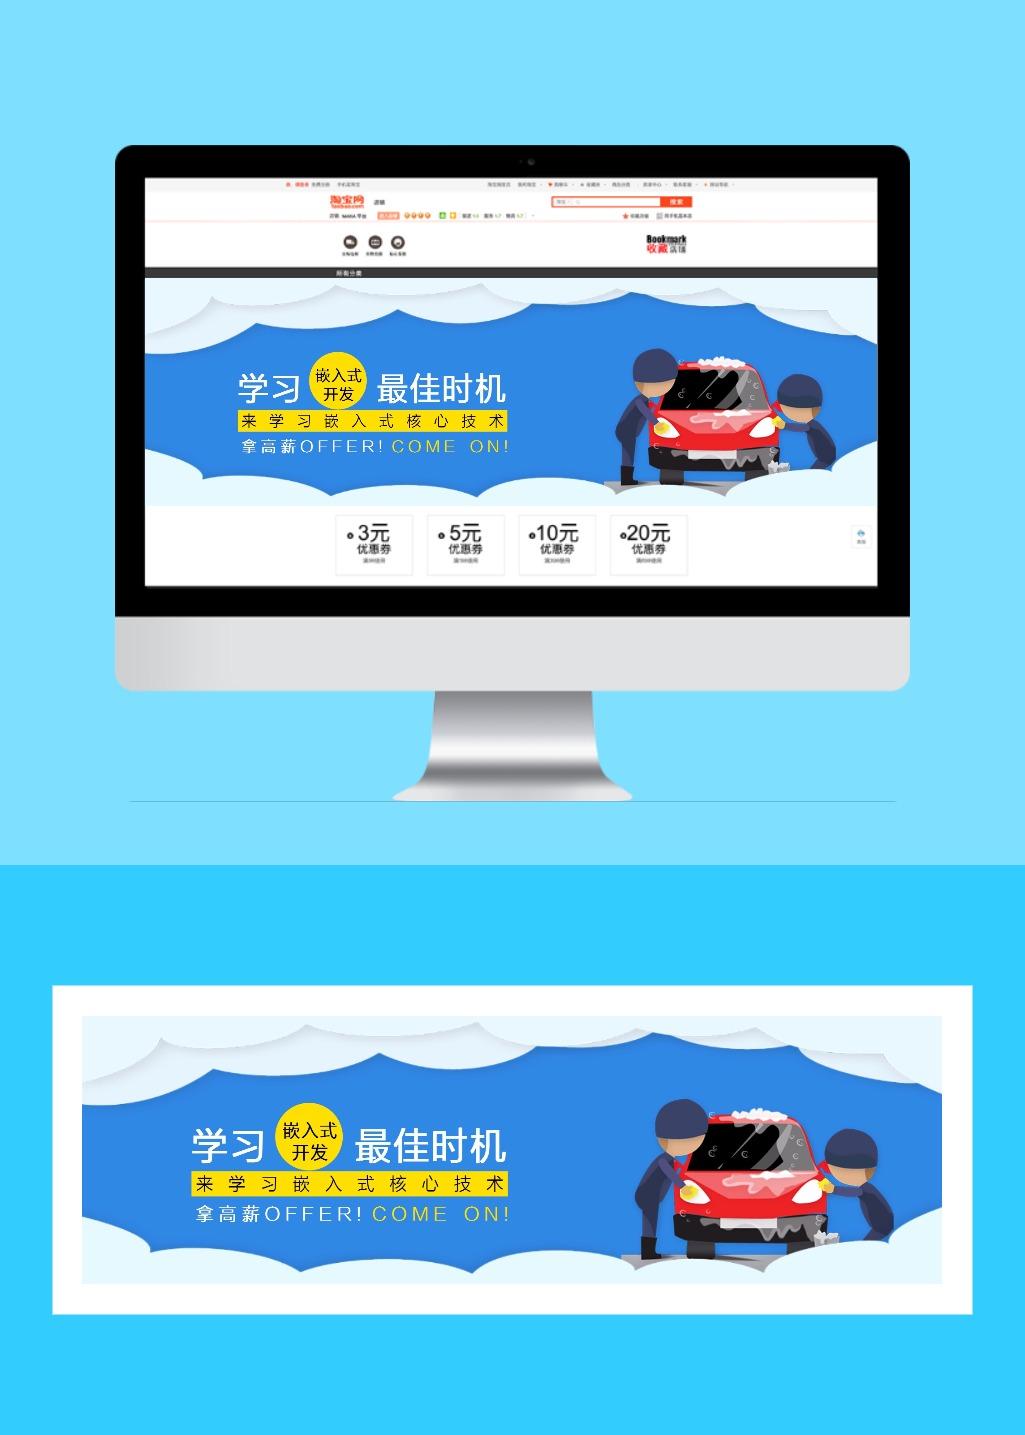 汽车类卡通简约互联网汽车美容维修4s店宣传促销电商banner